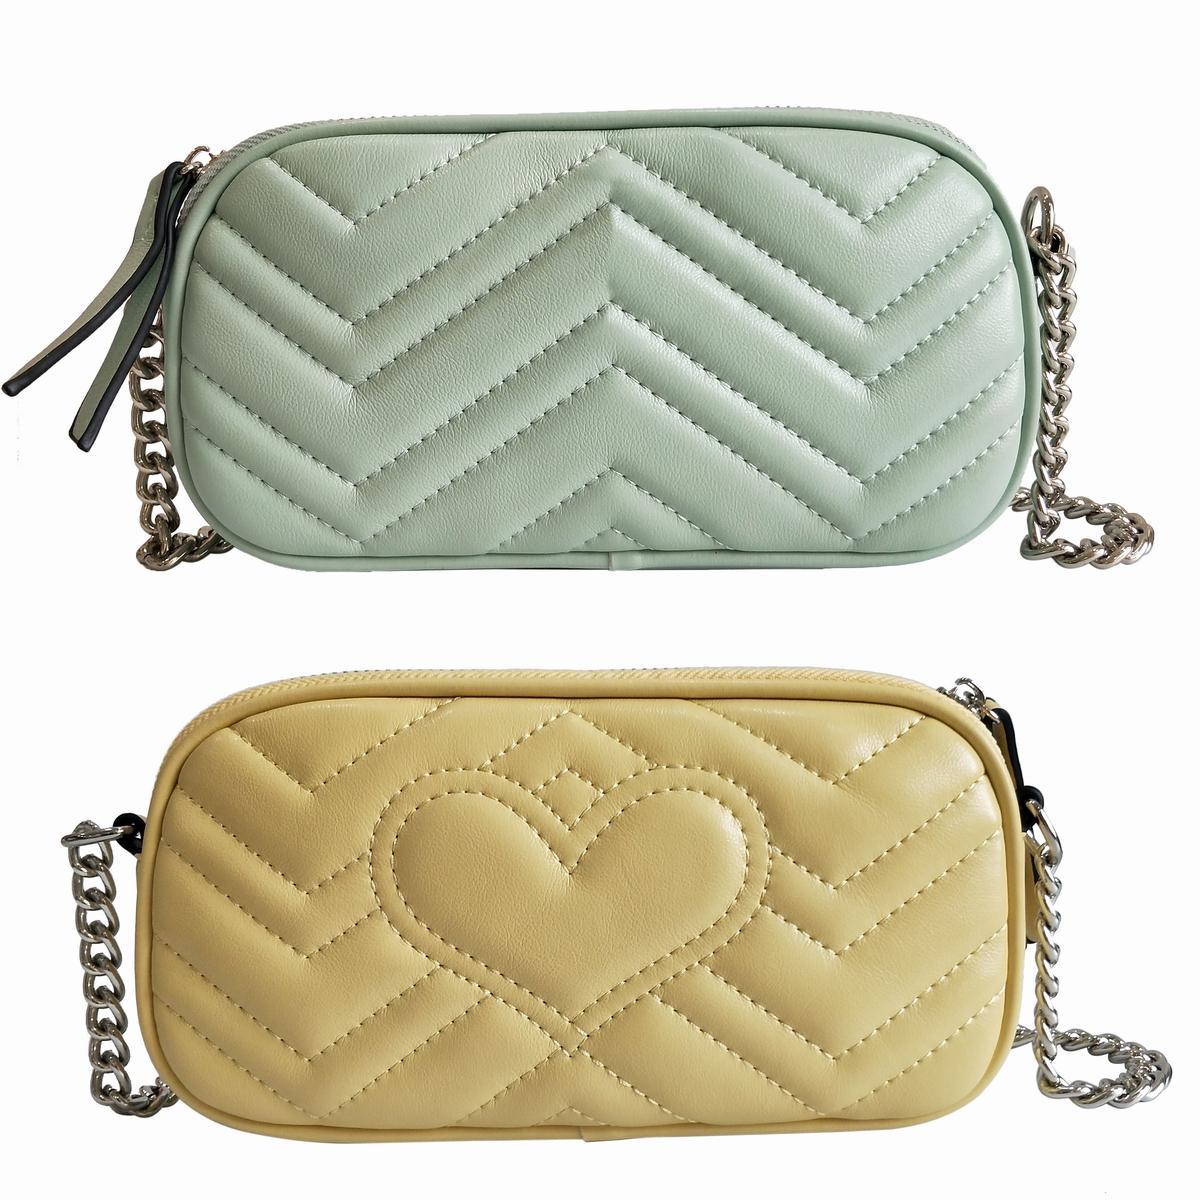 Qualitäts-Art-Frauen-Handtaschen Silber Kette MINI Schultertasche Umhängetasche Soho-Tasche Disco Messenger Bag Portemonnaie Farbe 10